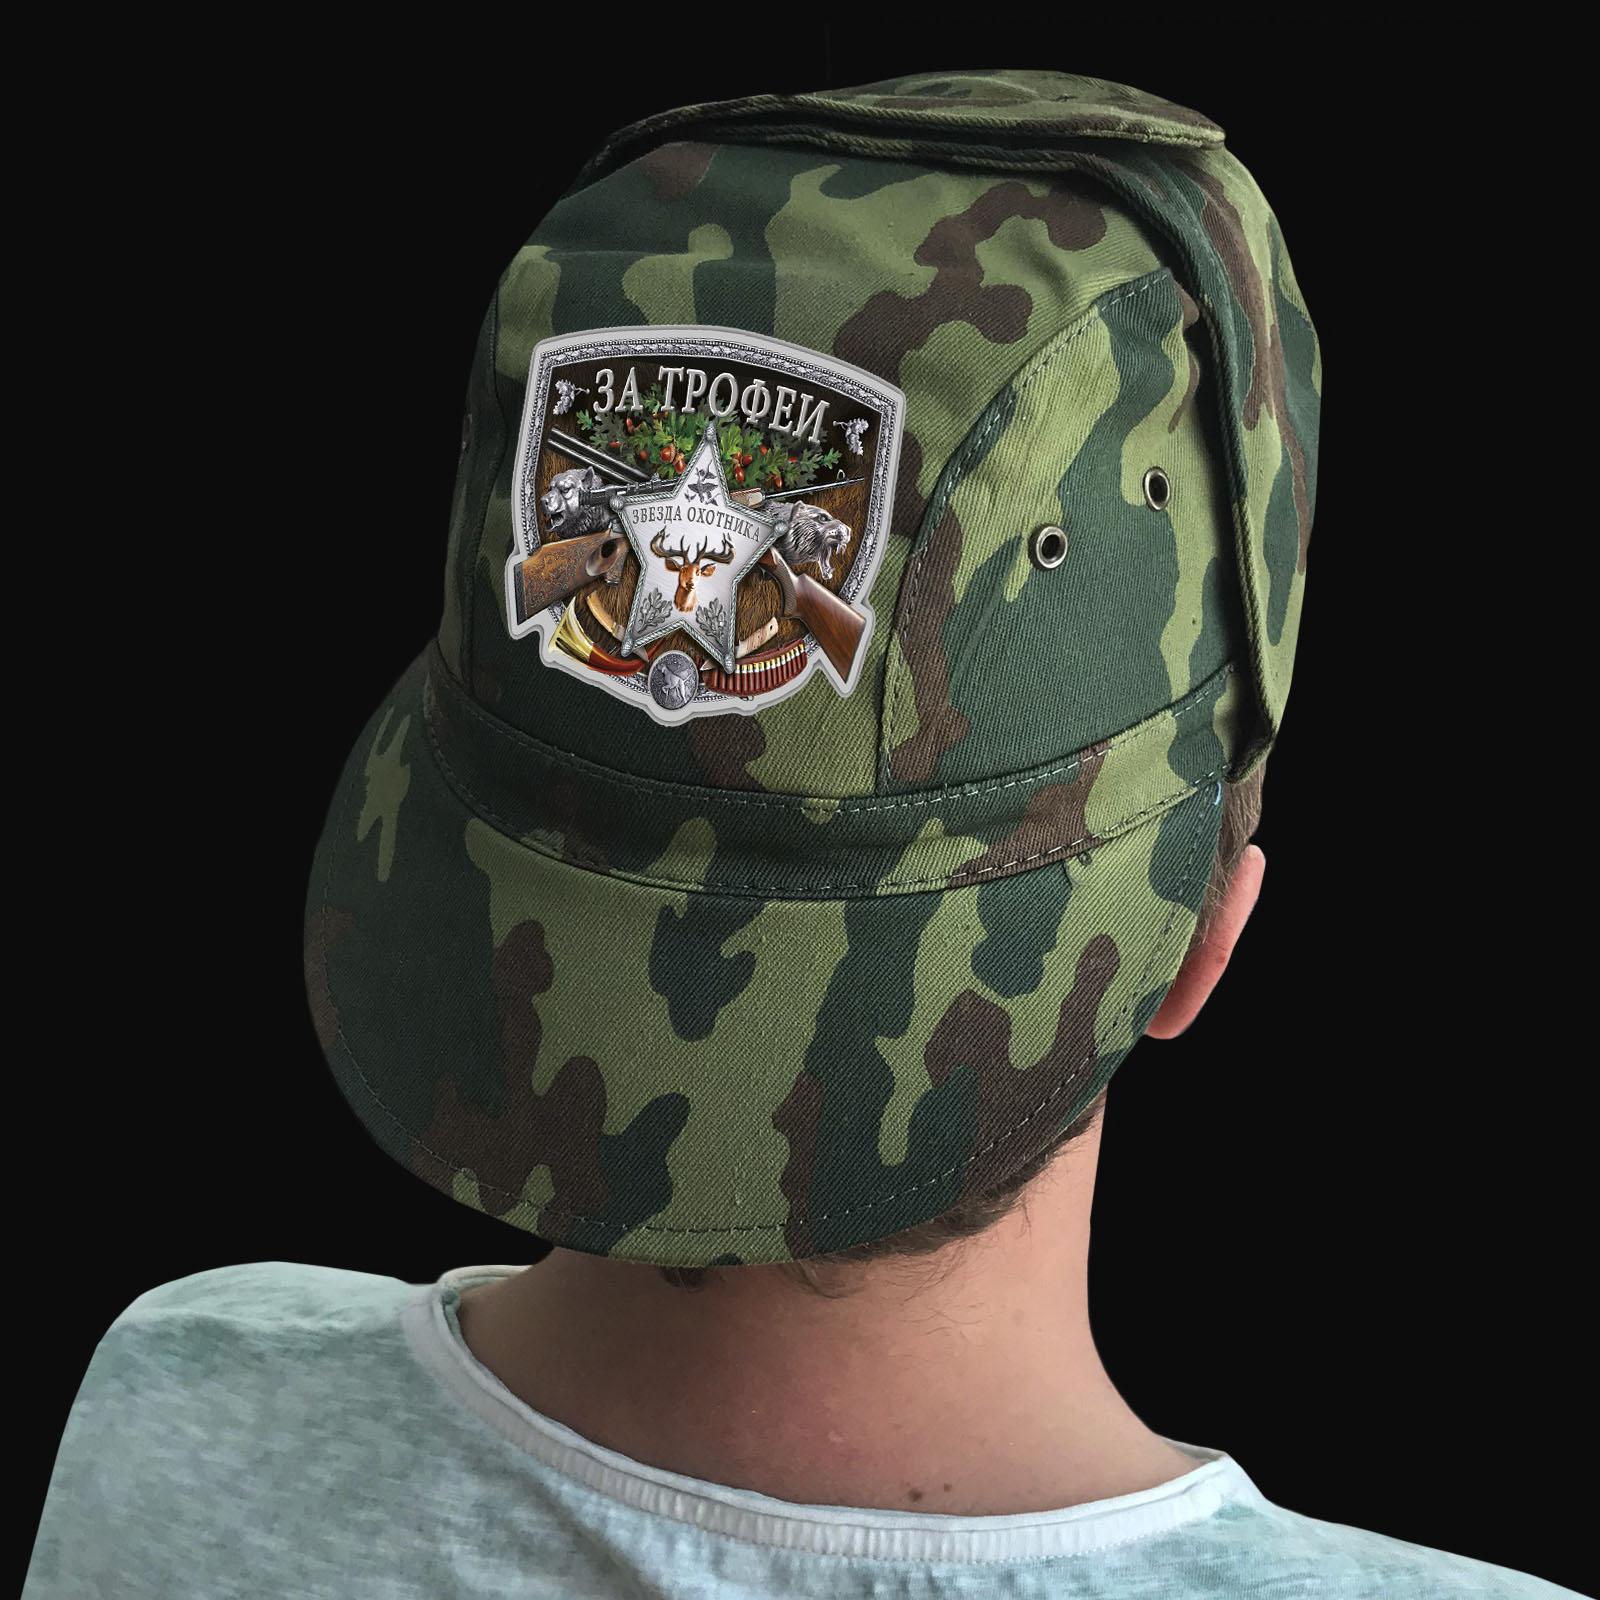 Купить камуфляжную кепку с термотрансфером За трофей с доставкой или самовывозом